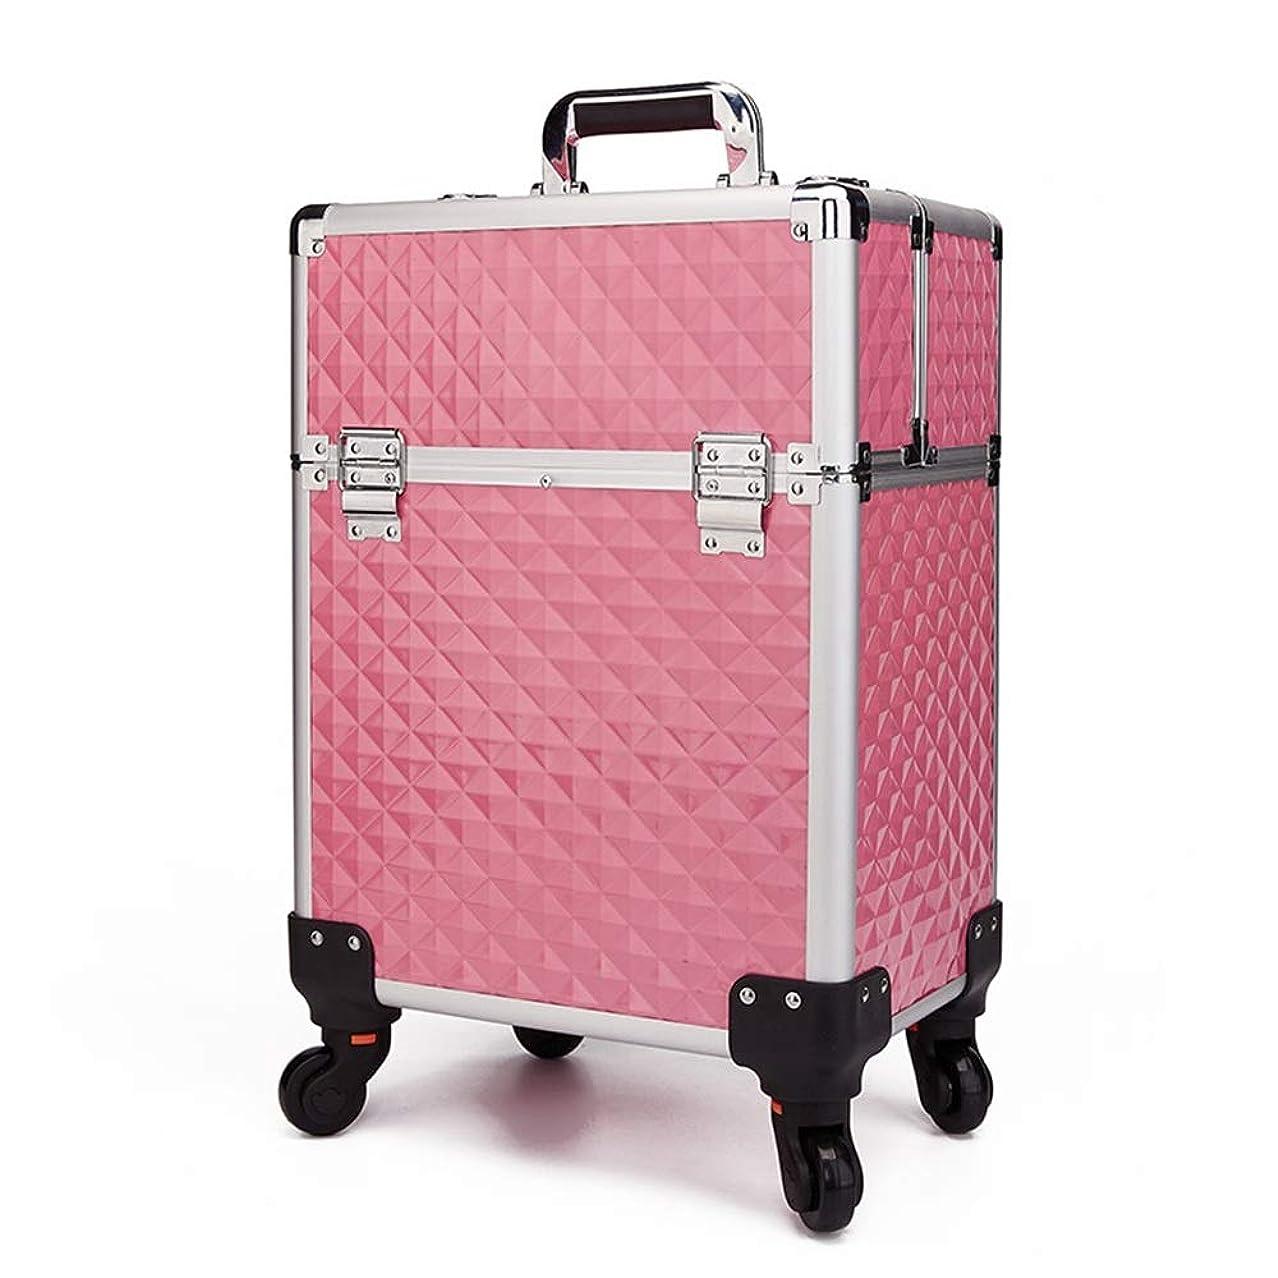 未就学インポート化粧化粧オーガナイザーバッグ 360度ホイール3イン1プロフェッショナルアルミアーティストローリングトロリーメイクトレインケース化粧品オーガナイザー収納ボックス用ティーンガールズ女性アーティスト 化粧品ケース (色 : ピンク)